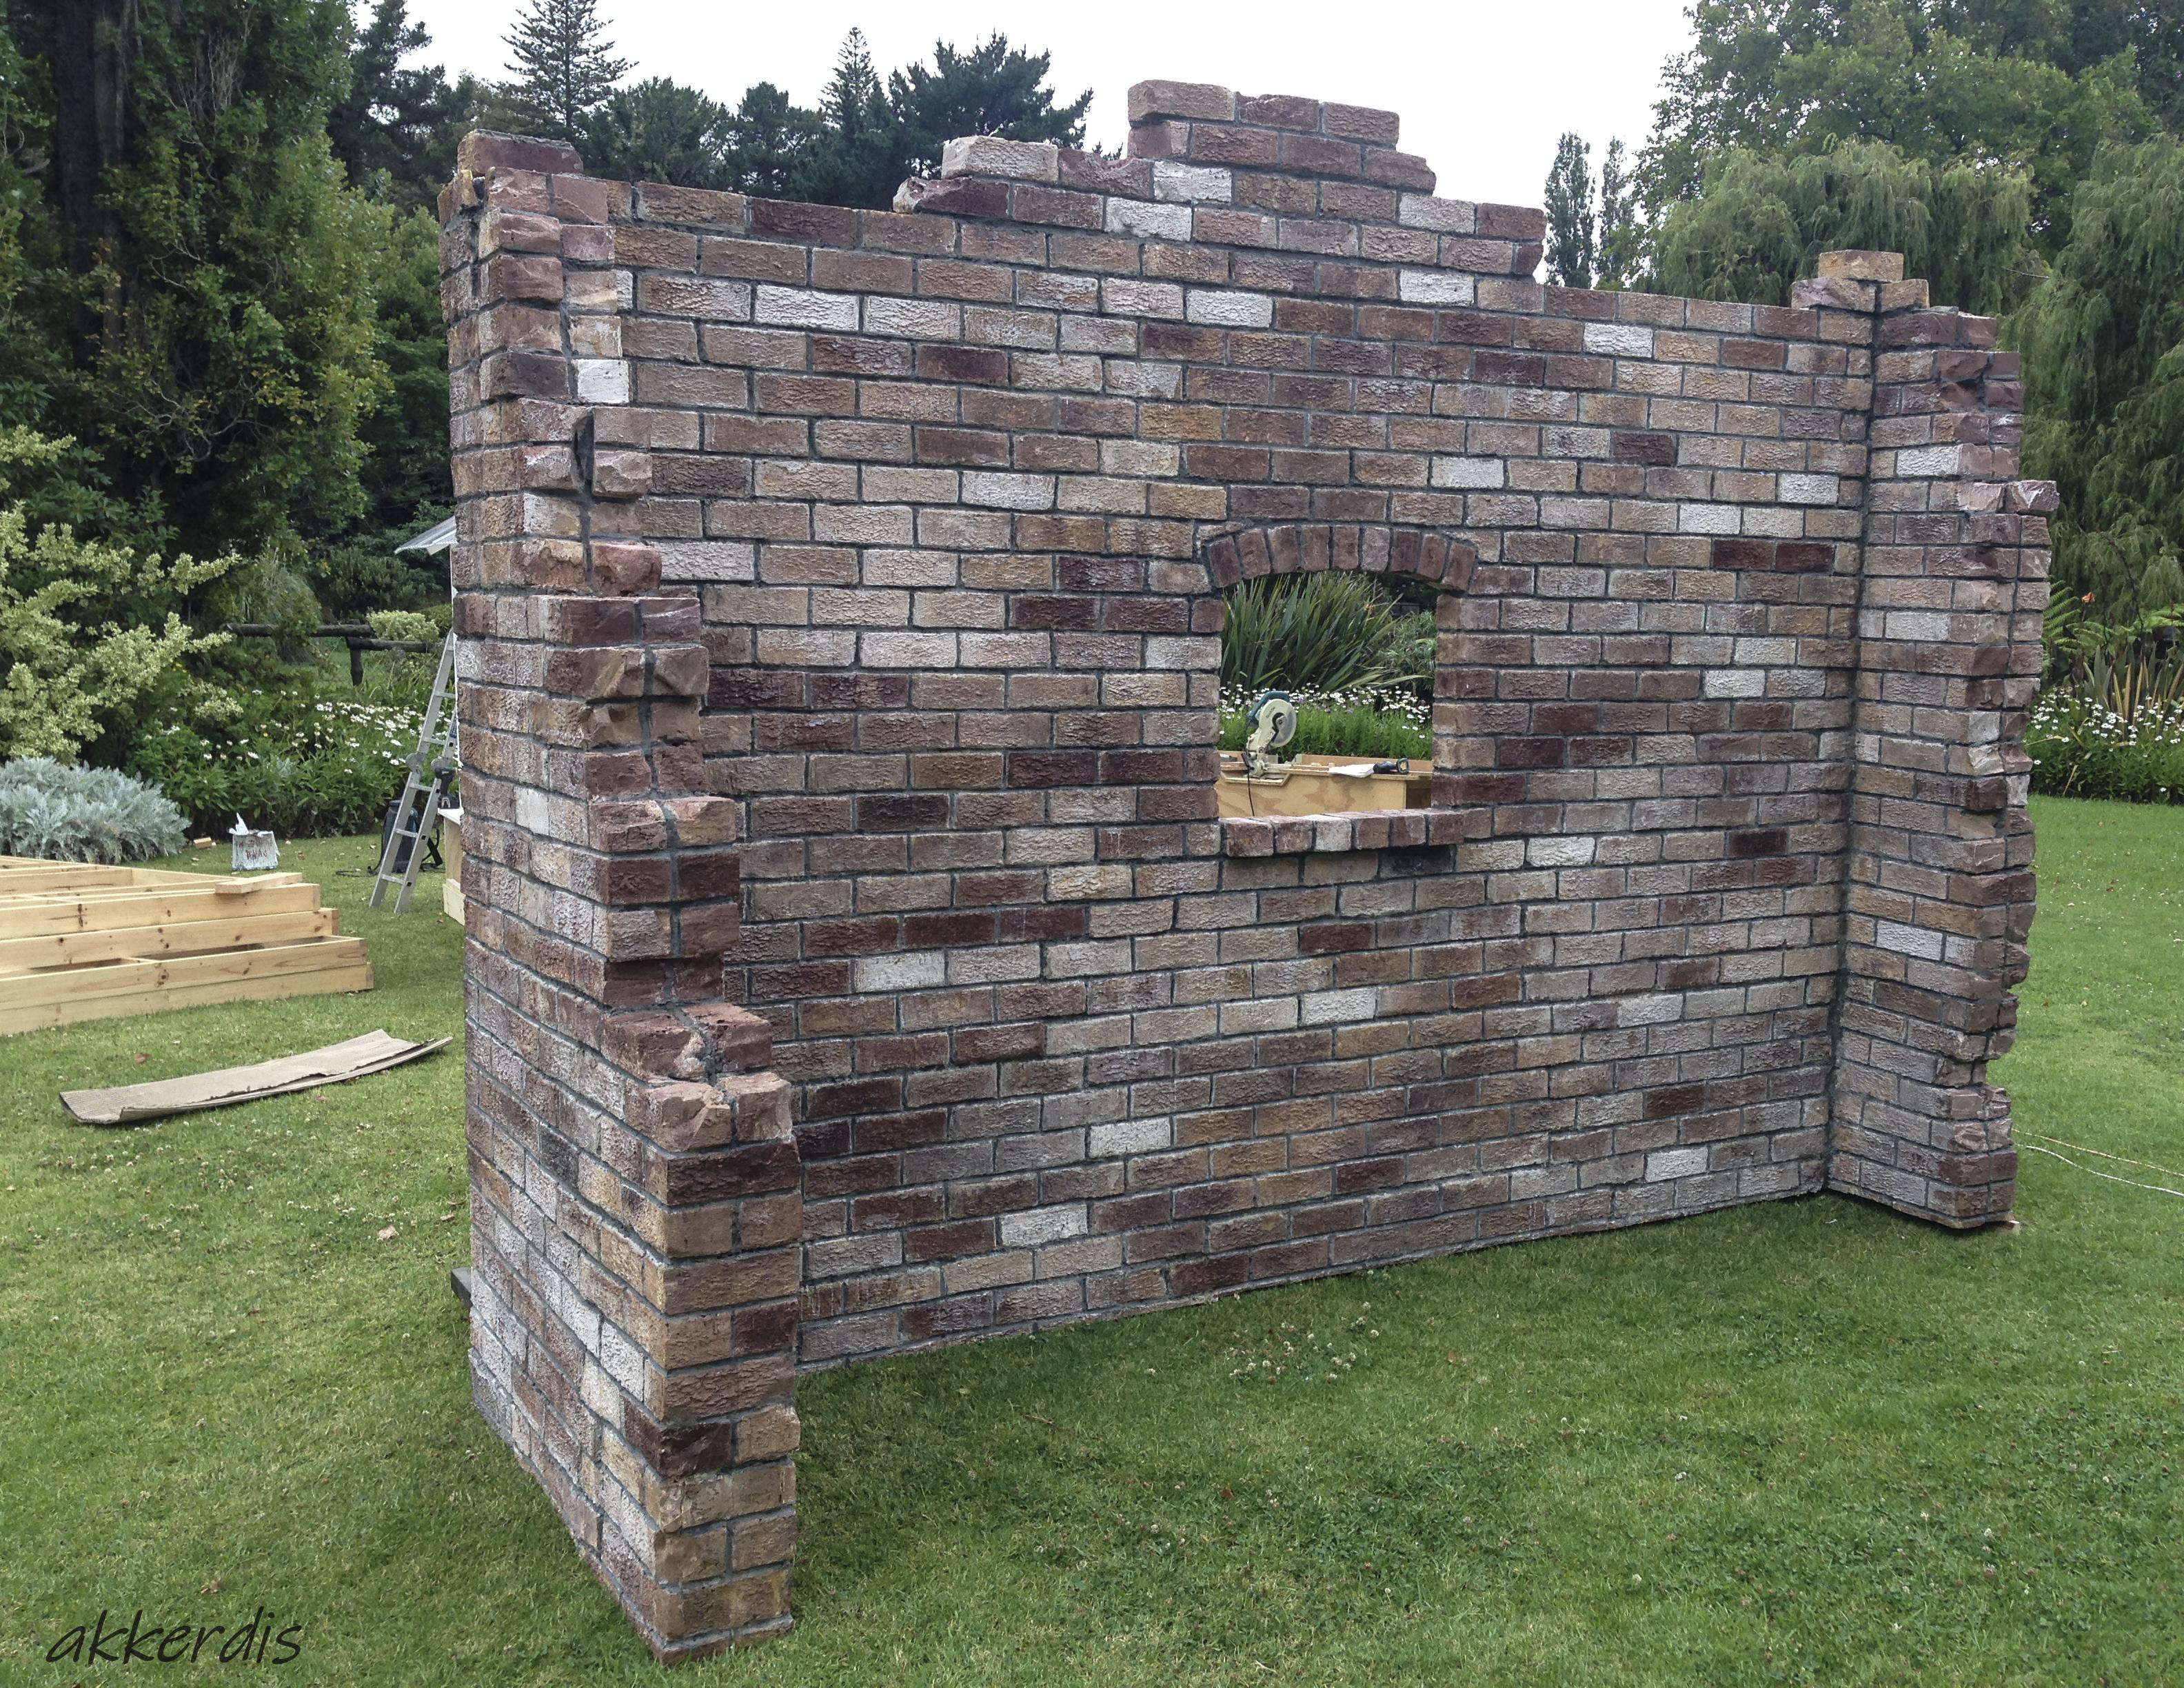 fabricated brick wall